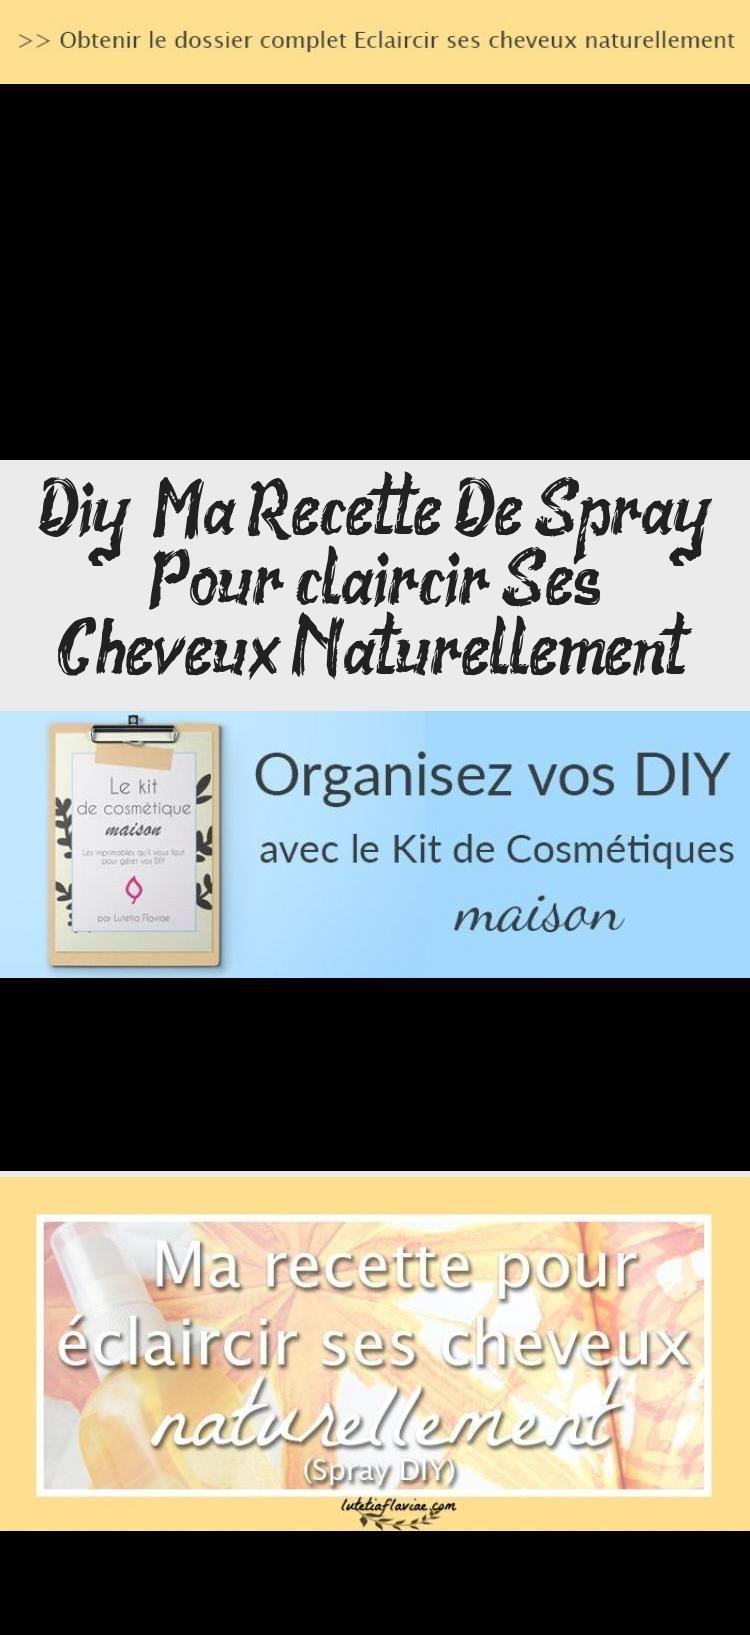 Diy Ma Recette De Spray Pour éclaircir Ses Cheveux Naturellement Cheveux Blog Event Event Ticket